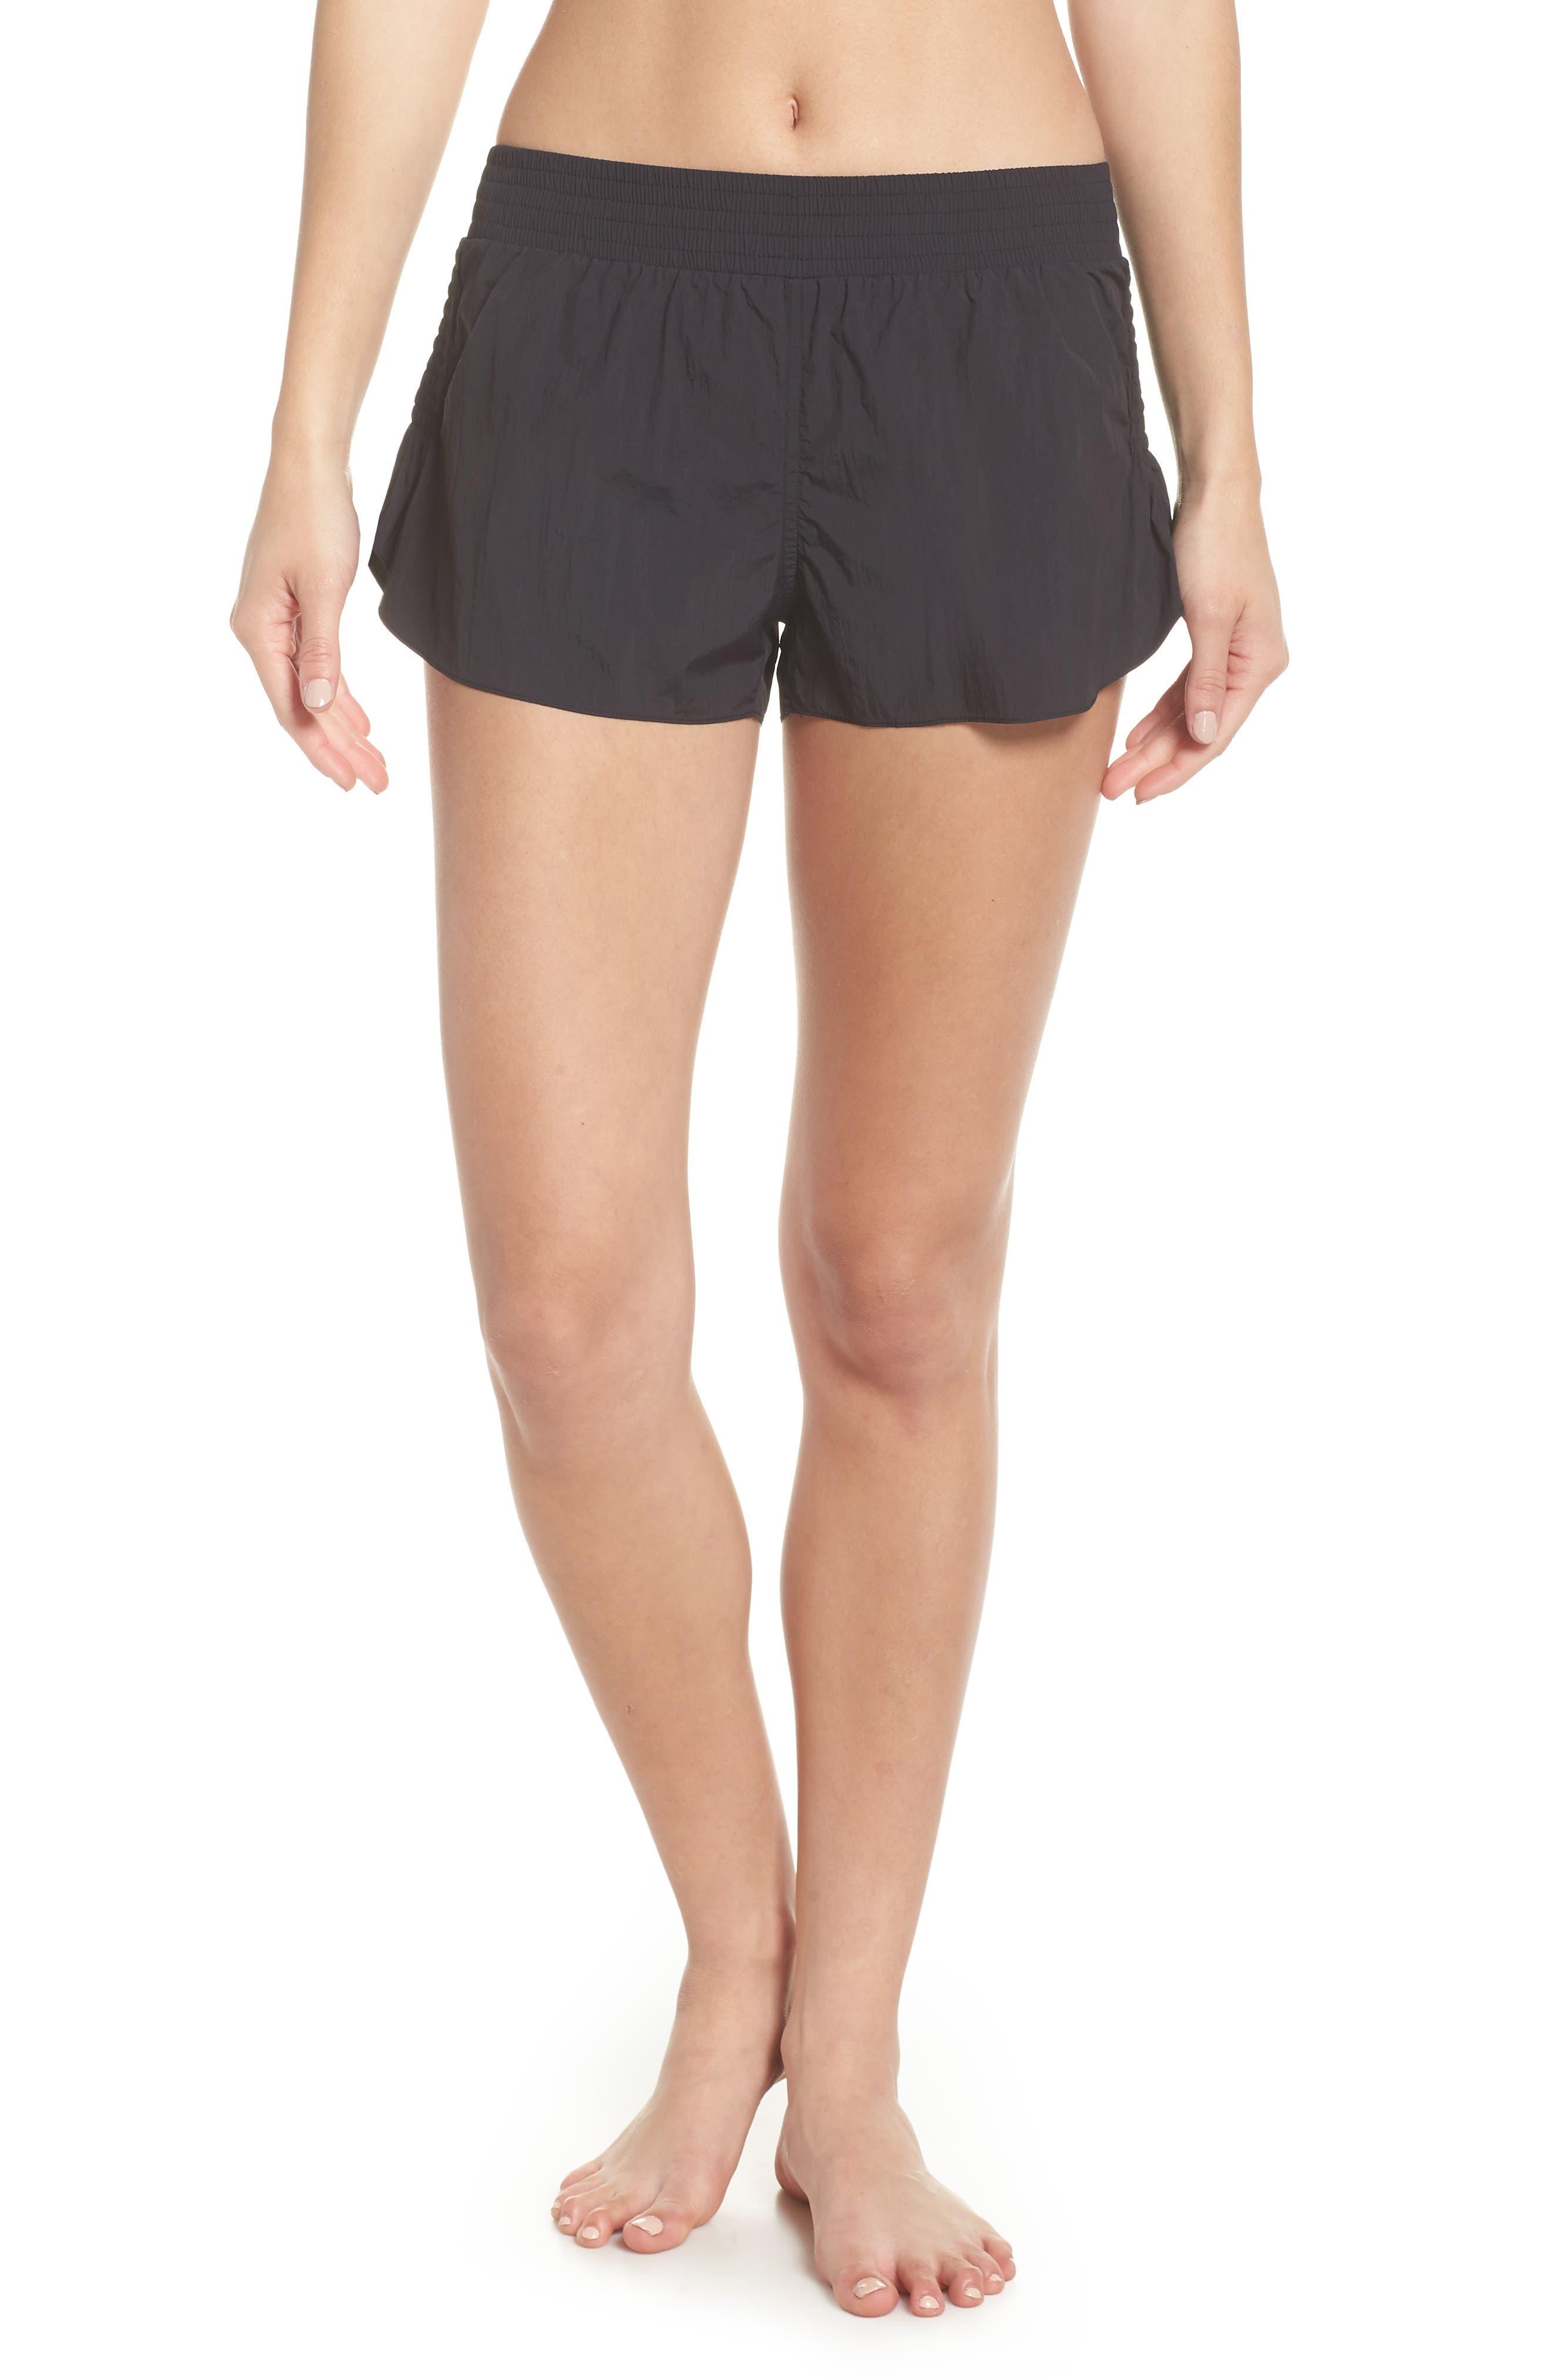 Fuji Shorts,                         Main,                         color, 001